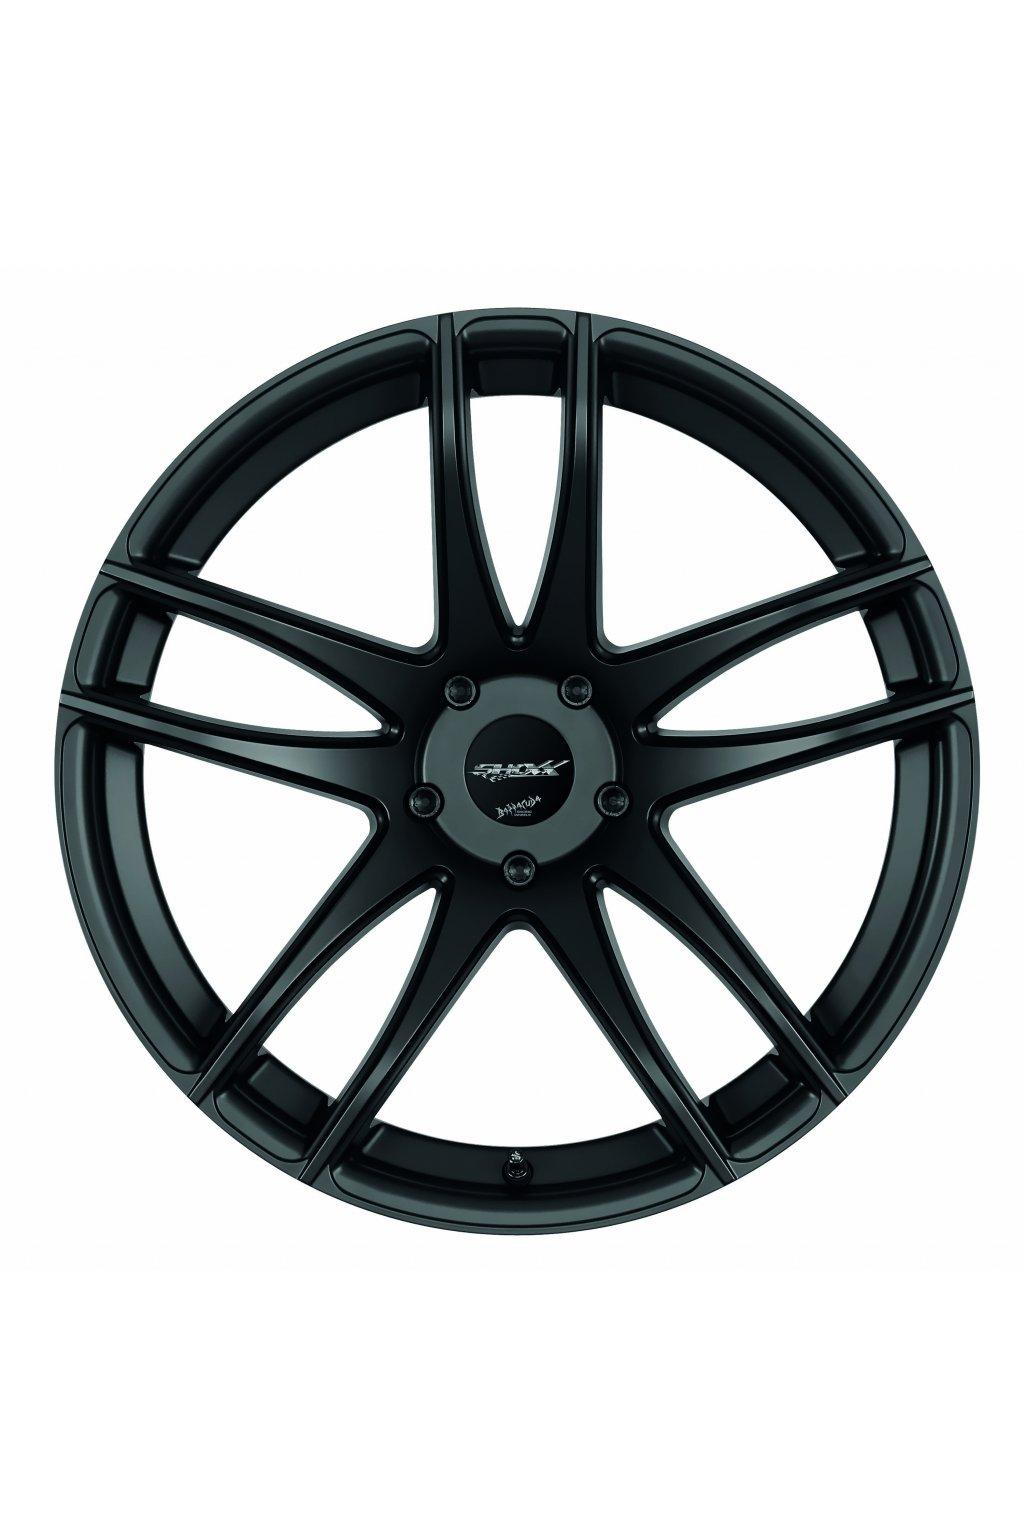 Disk BARRACUDA Shoxx 7.5x17 / 4x100 nur Motorsport/ohne Strassenzulassung